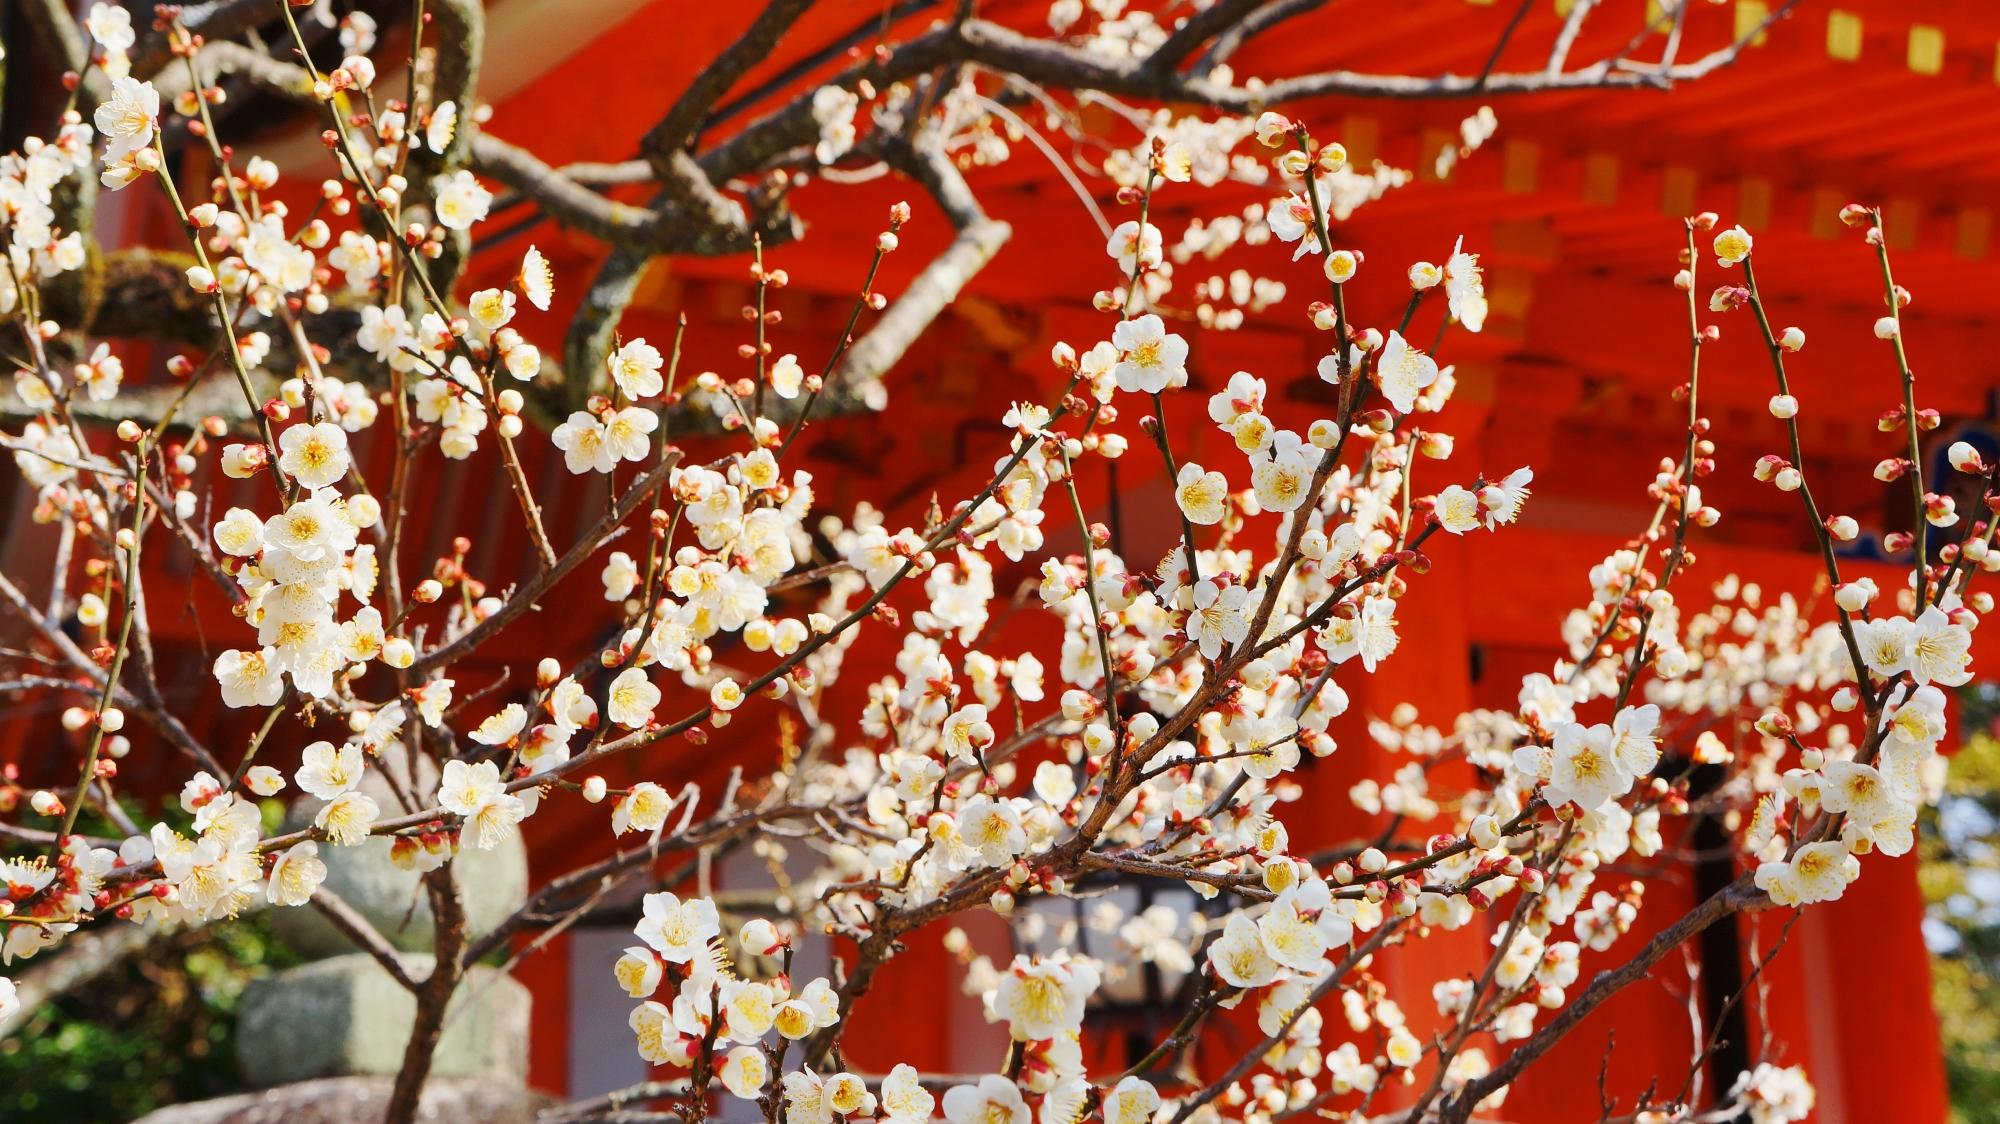 地主社の朱色に映える華やかな白い梅の花